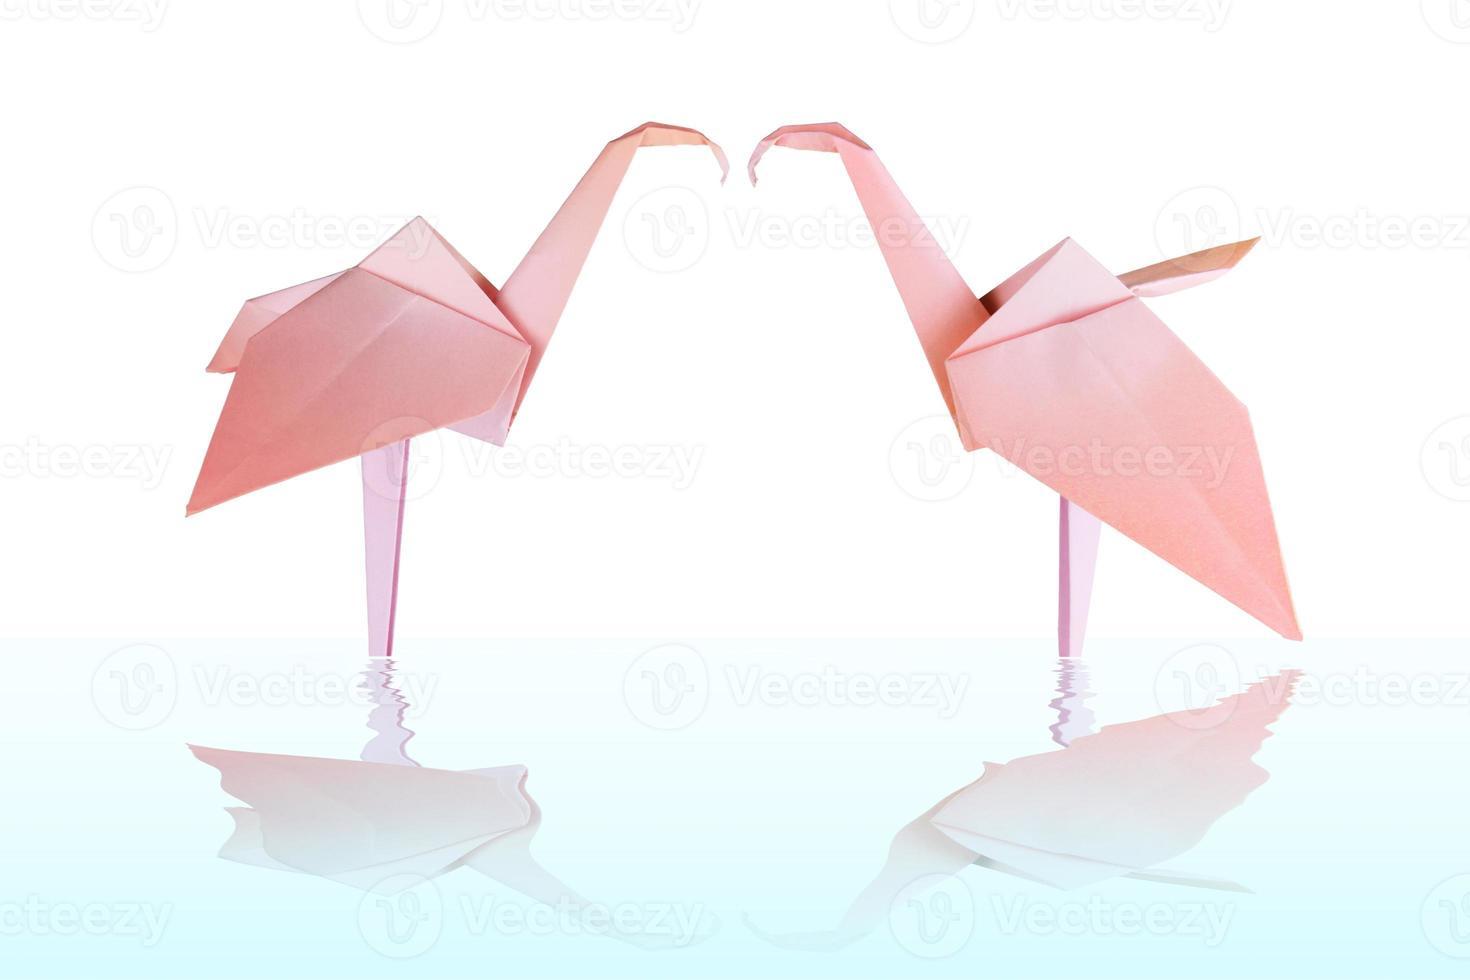 origami rosa papper flamingo par foto